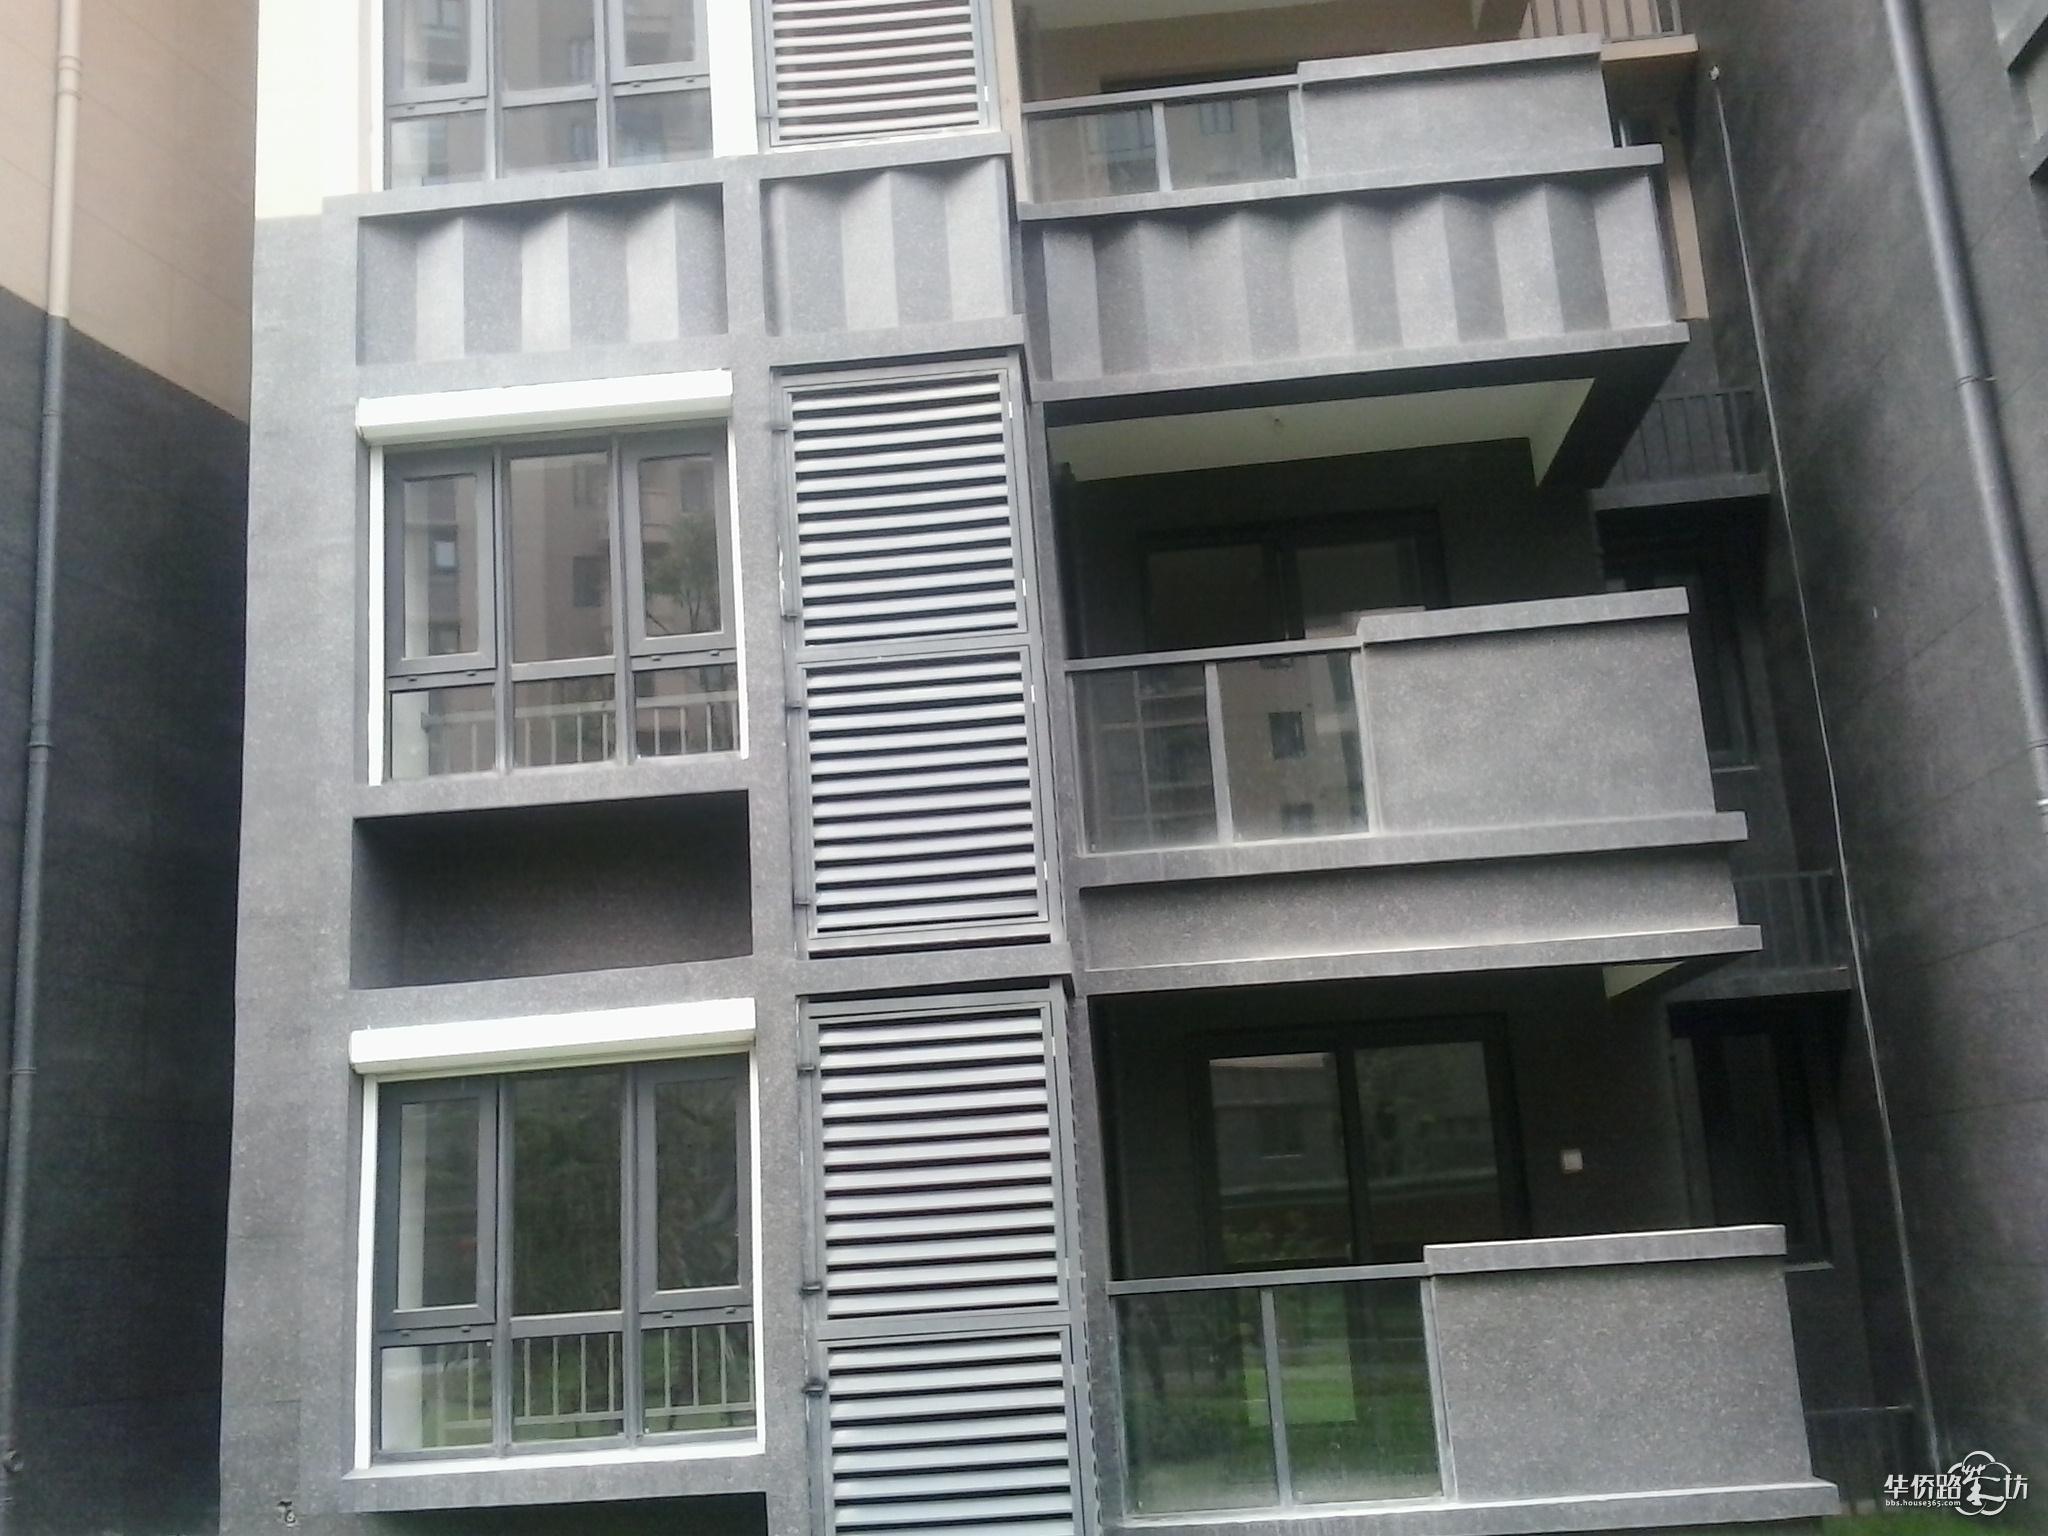 了改变了外观结构外,个人觉得飘窗下的墙体并不承重